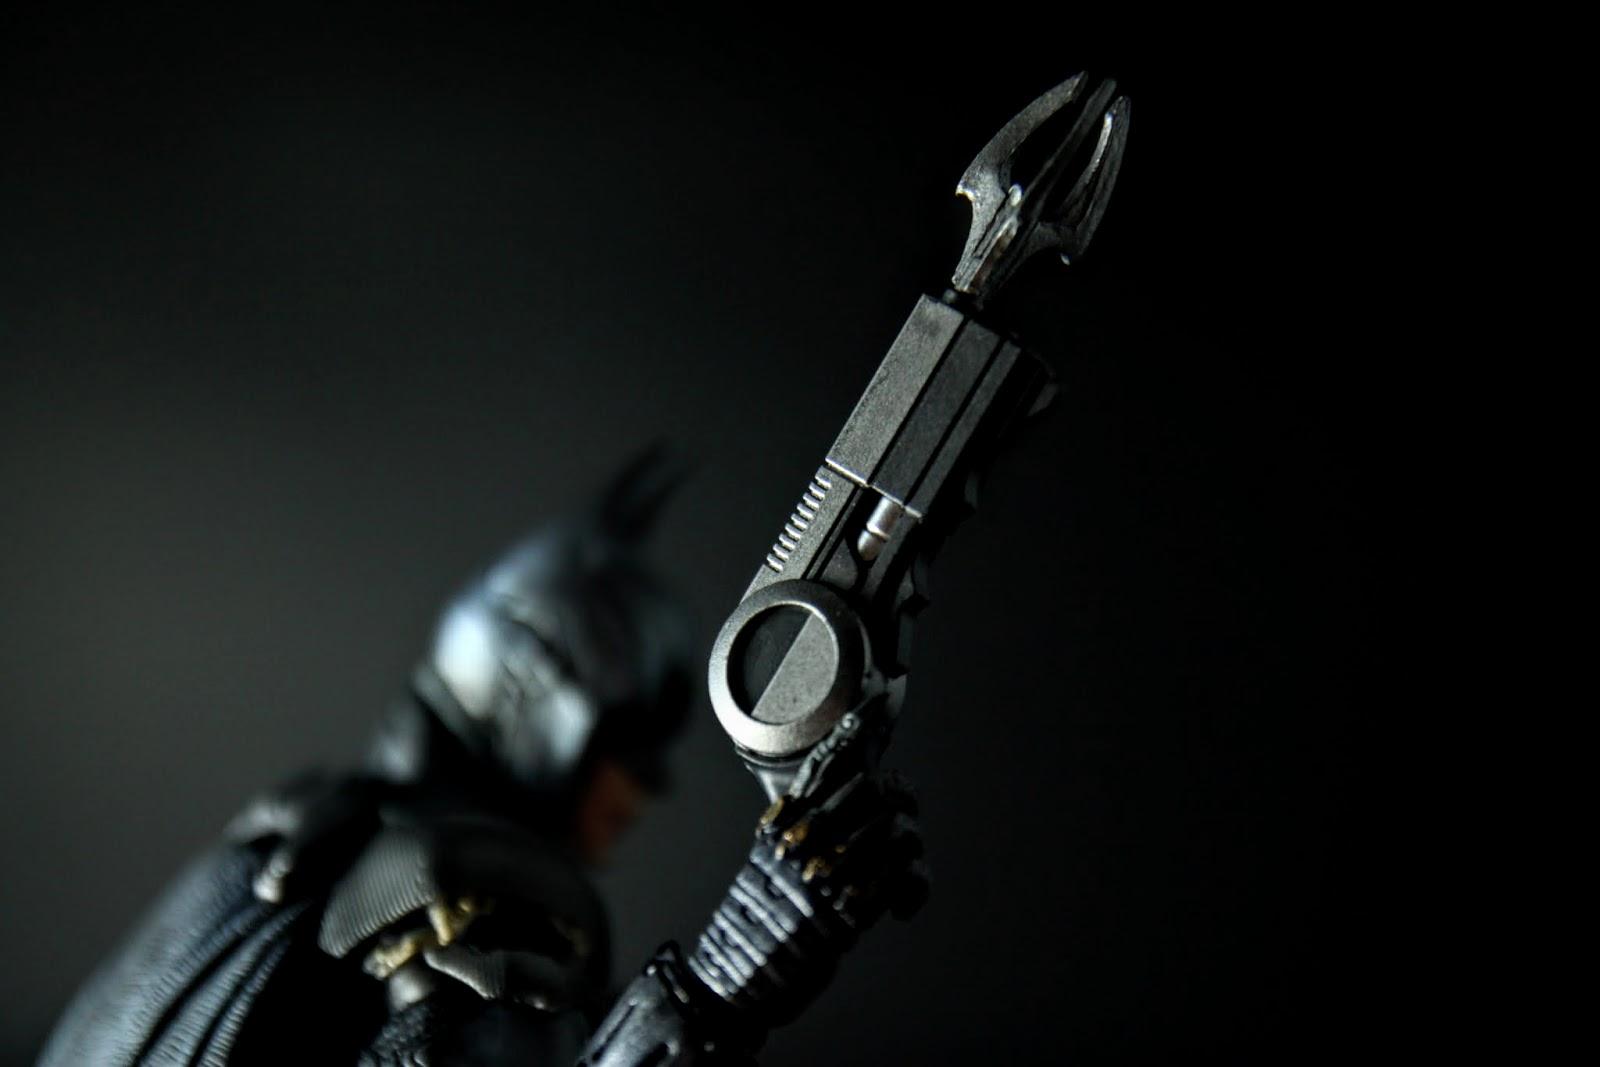 拋繩槍, 但遊戲有這麼大一把嗎?